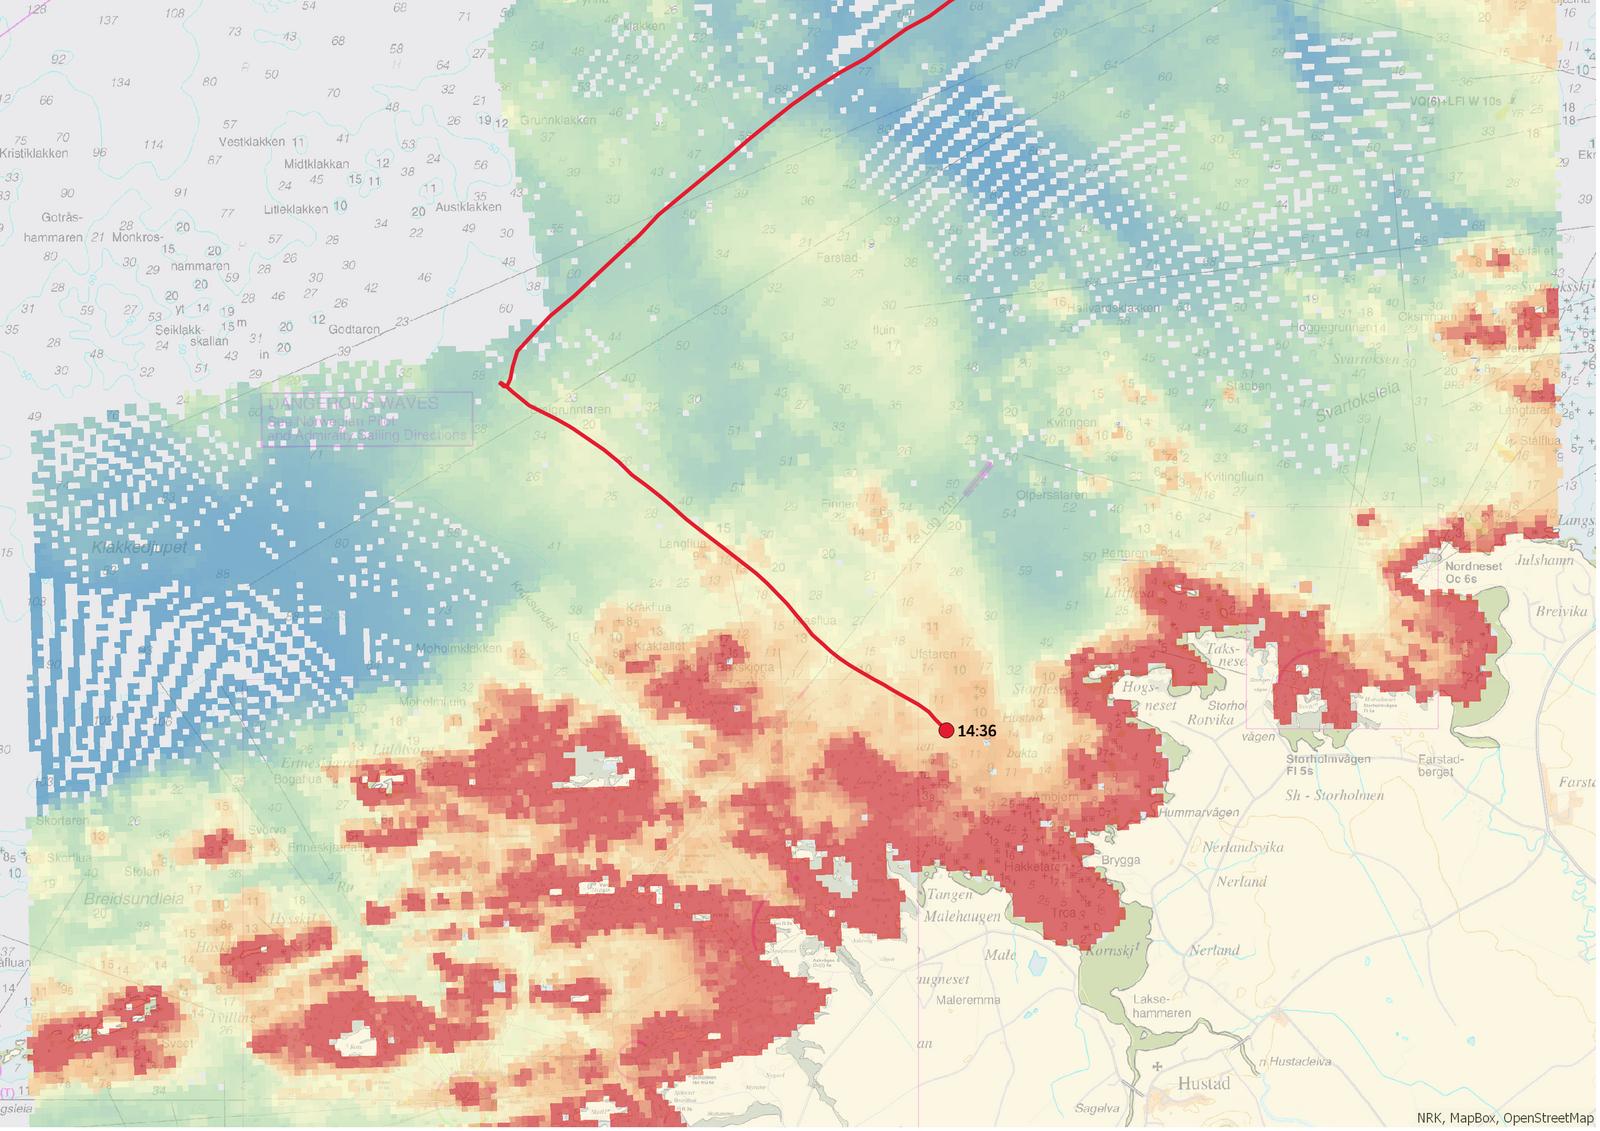 Kart som viser Viking Skys posisjon kl. 14.36 når de endelig får ankerfeste og stopper opp driften.